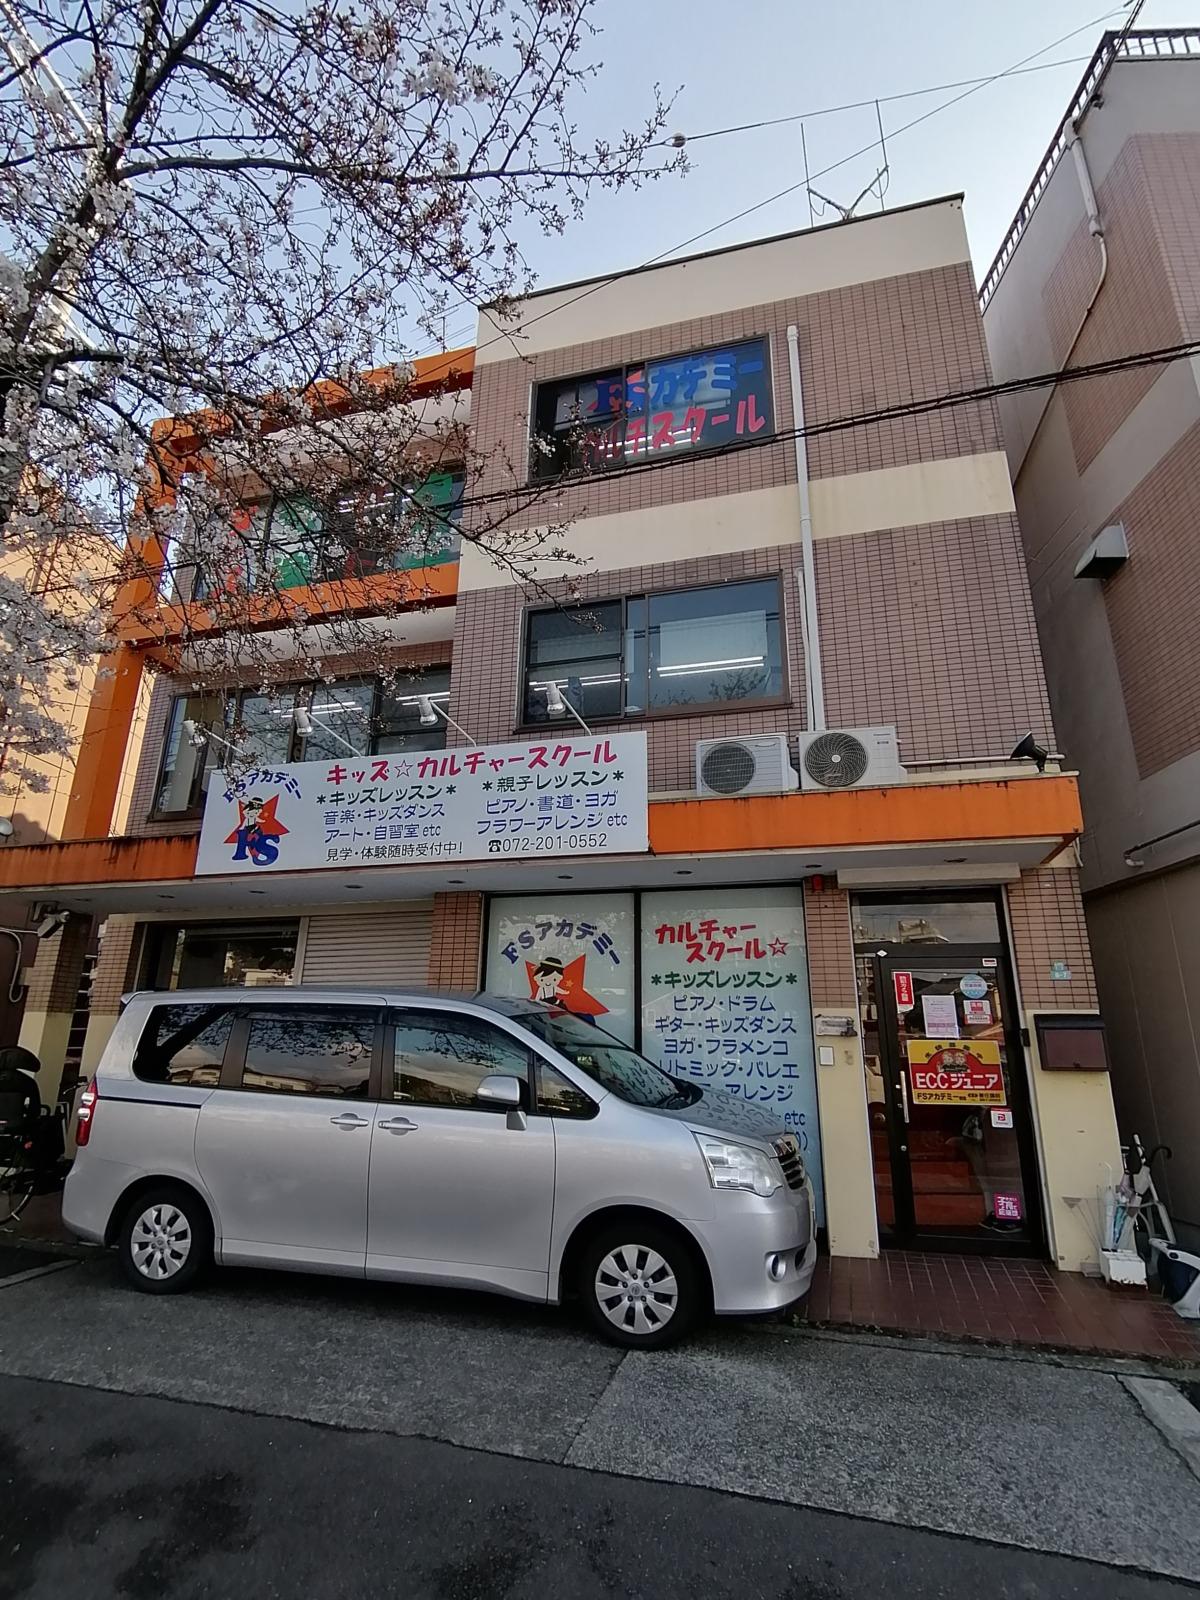 【新規開校!!】堺市西区・上野芝にある『FSアカデミー』に個別式学習塾『白熊式 上野芝校』が開校するよ~☆: